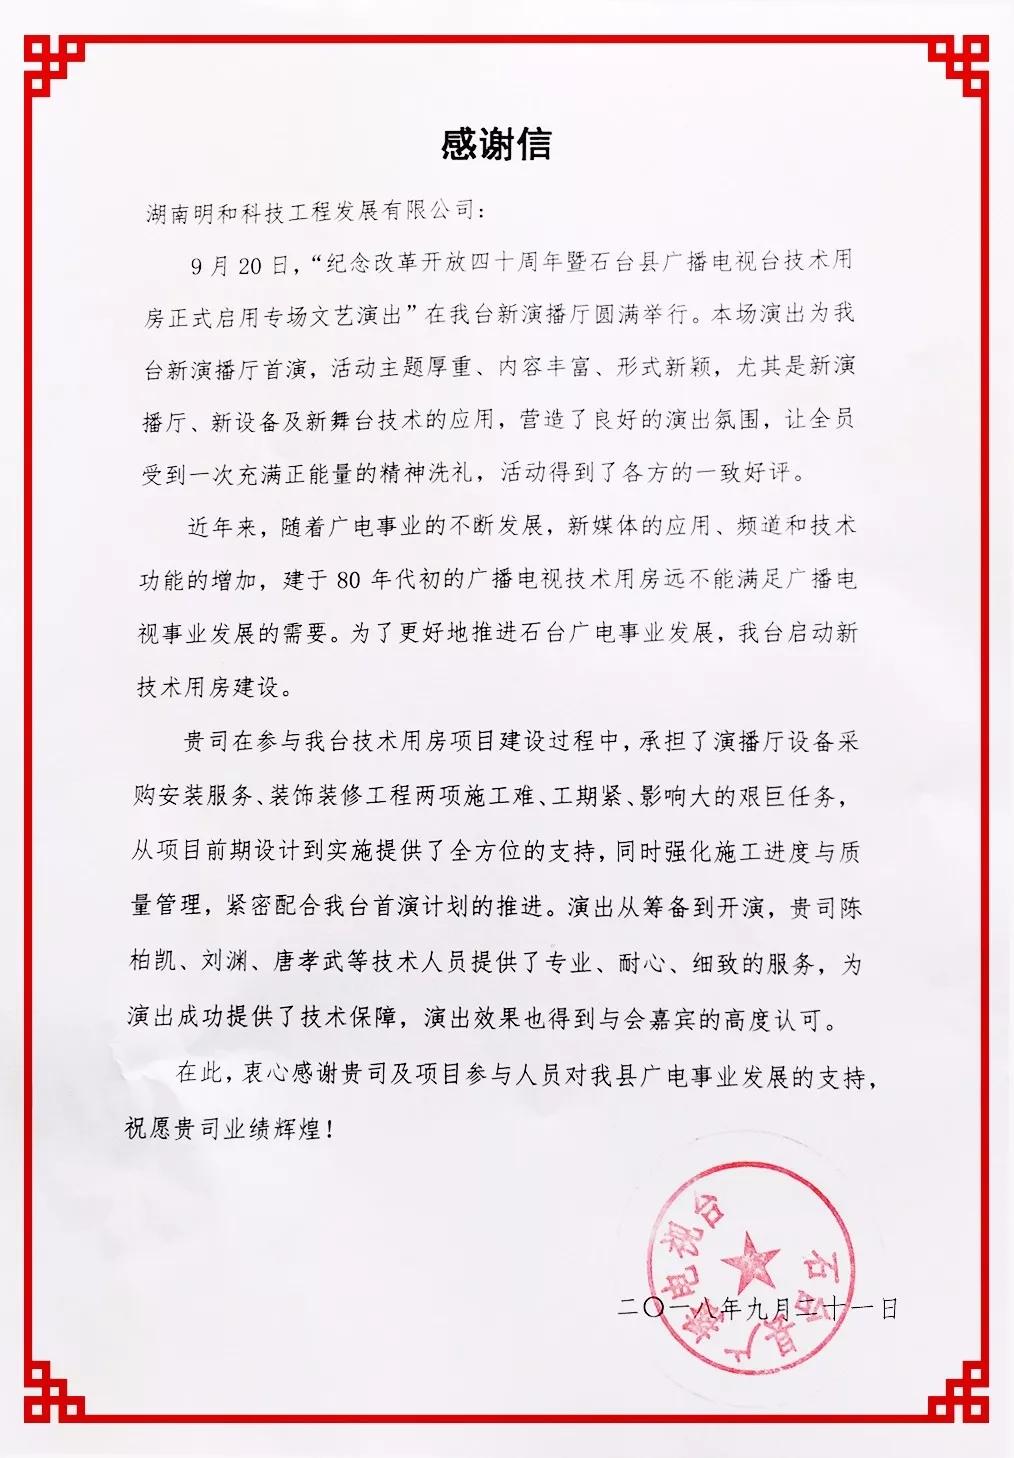 石台县广播电视台为明和及项目团队发来感谢信